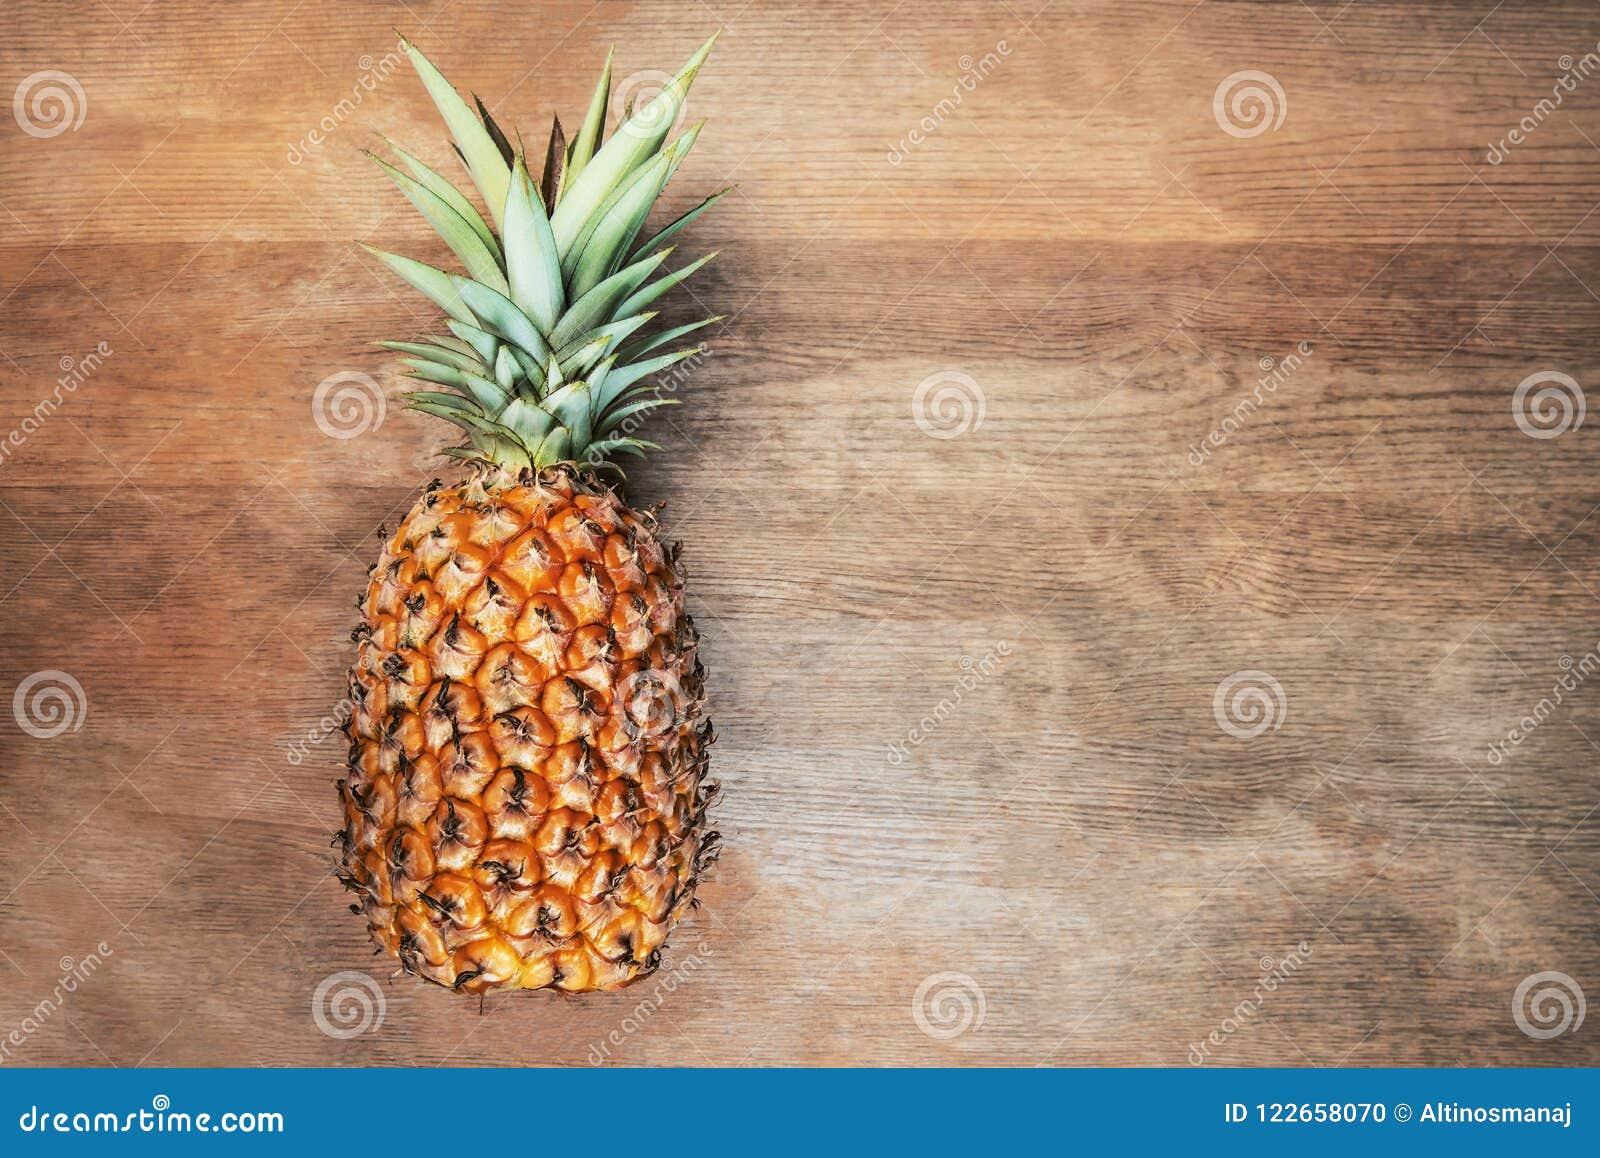 Singel en mycket hel organisk ananasfrukt på moget fullvuxet moget för träbakgrund, lagt ner på dess sida negativt tomt s